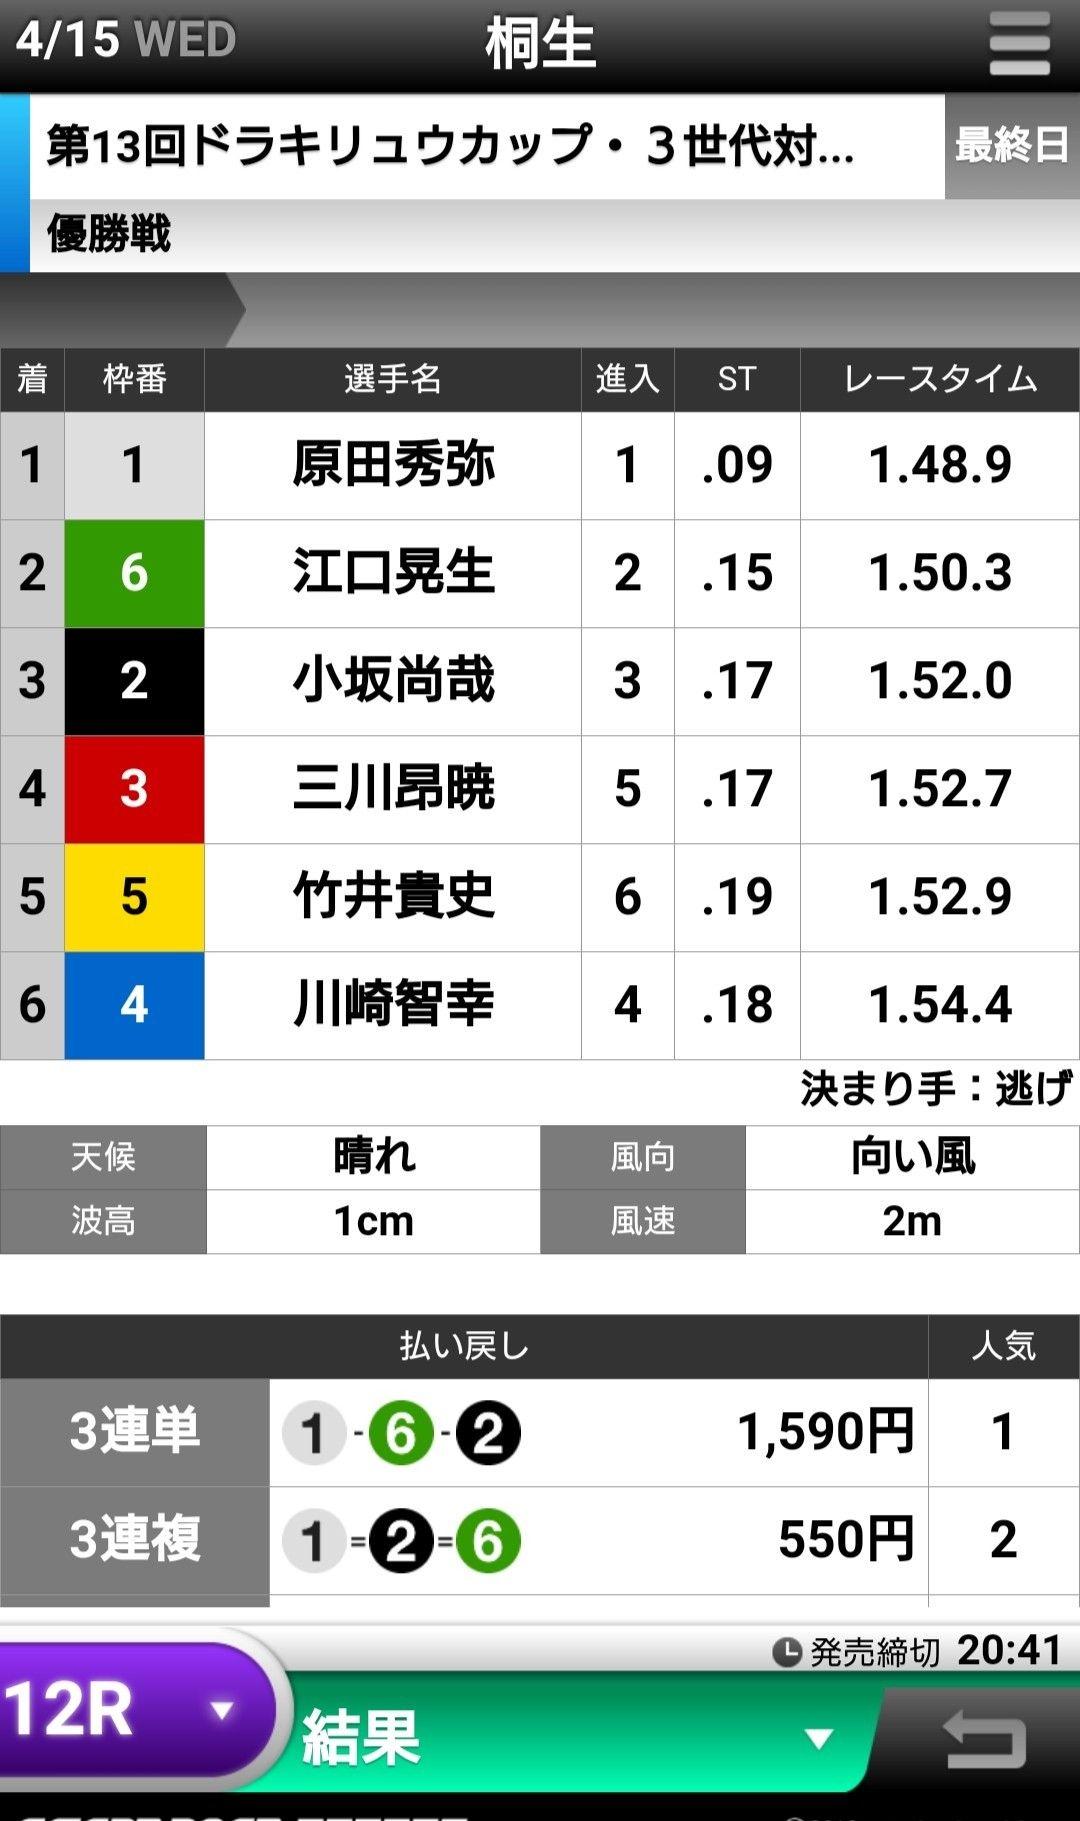 結果 徳山 競艇 グランドチャンピオン BOAT RACE